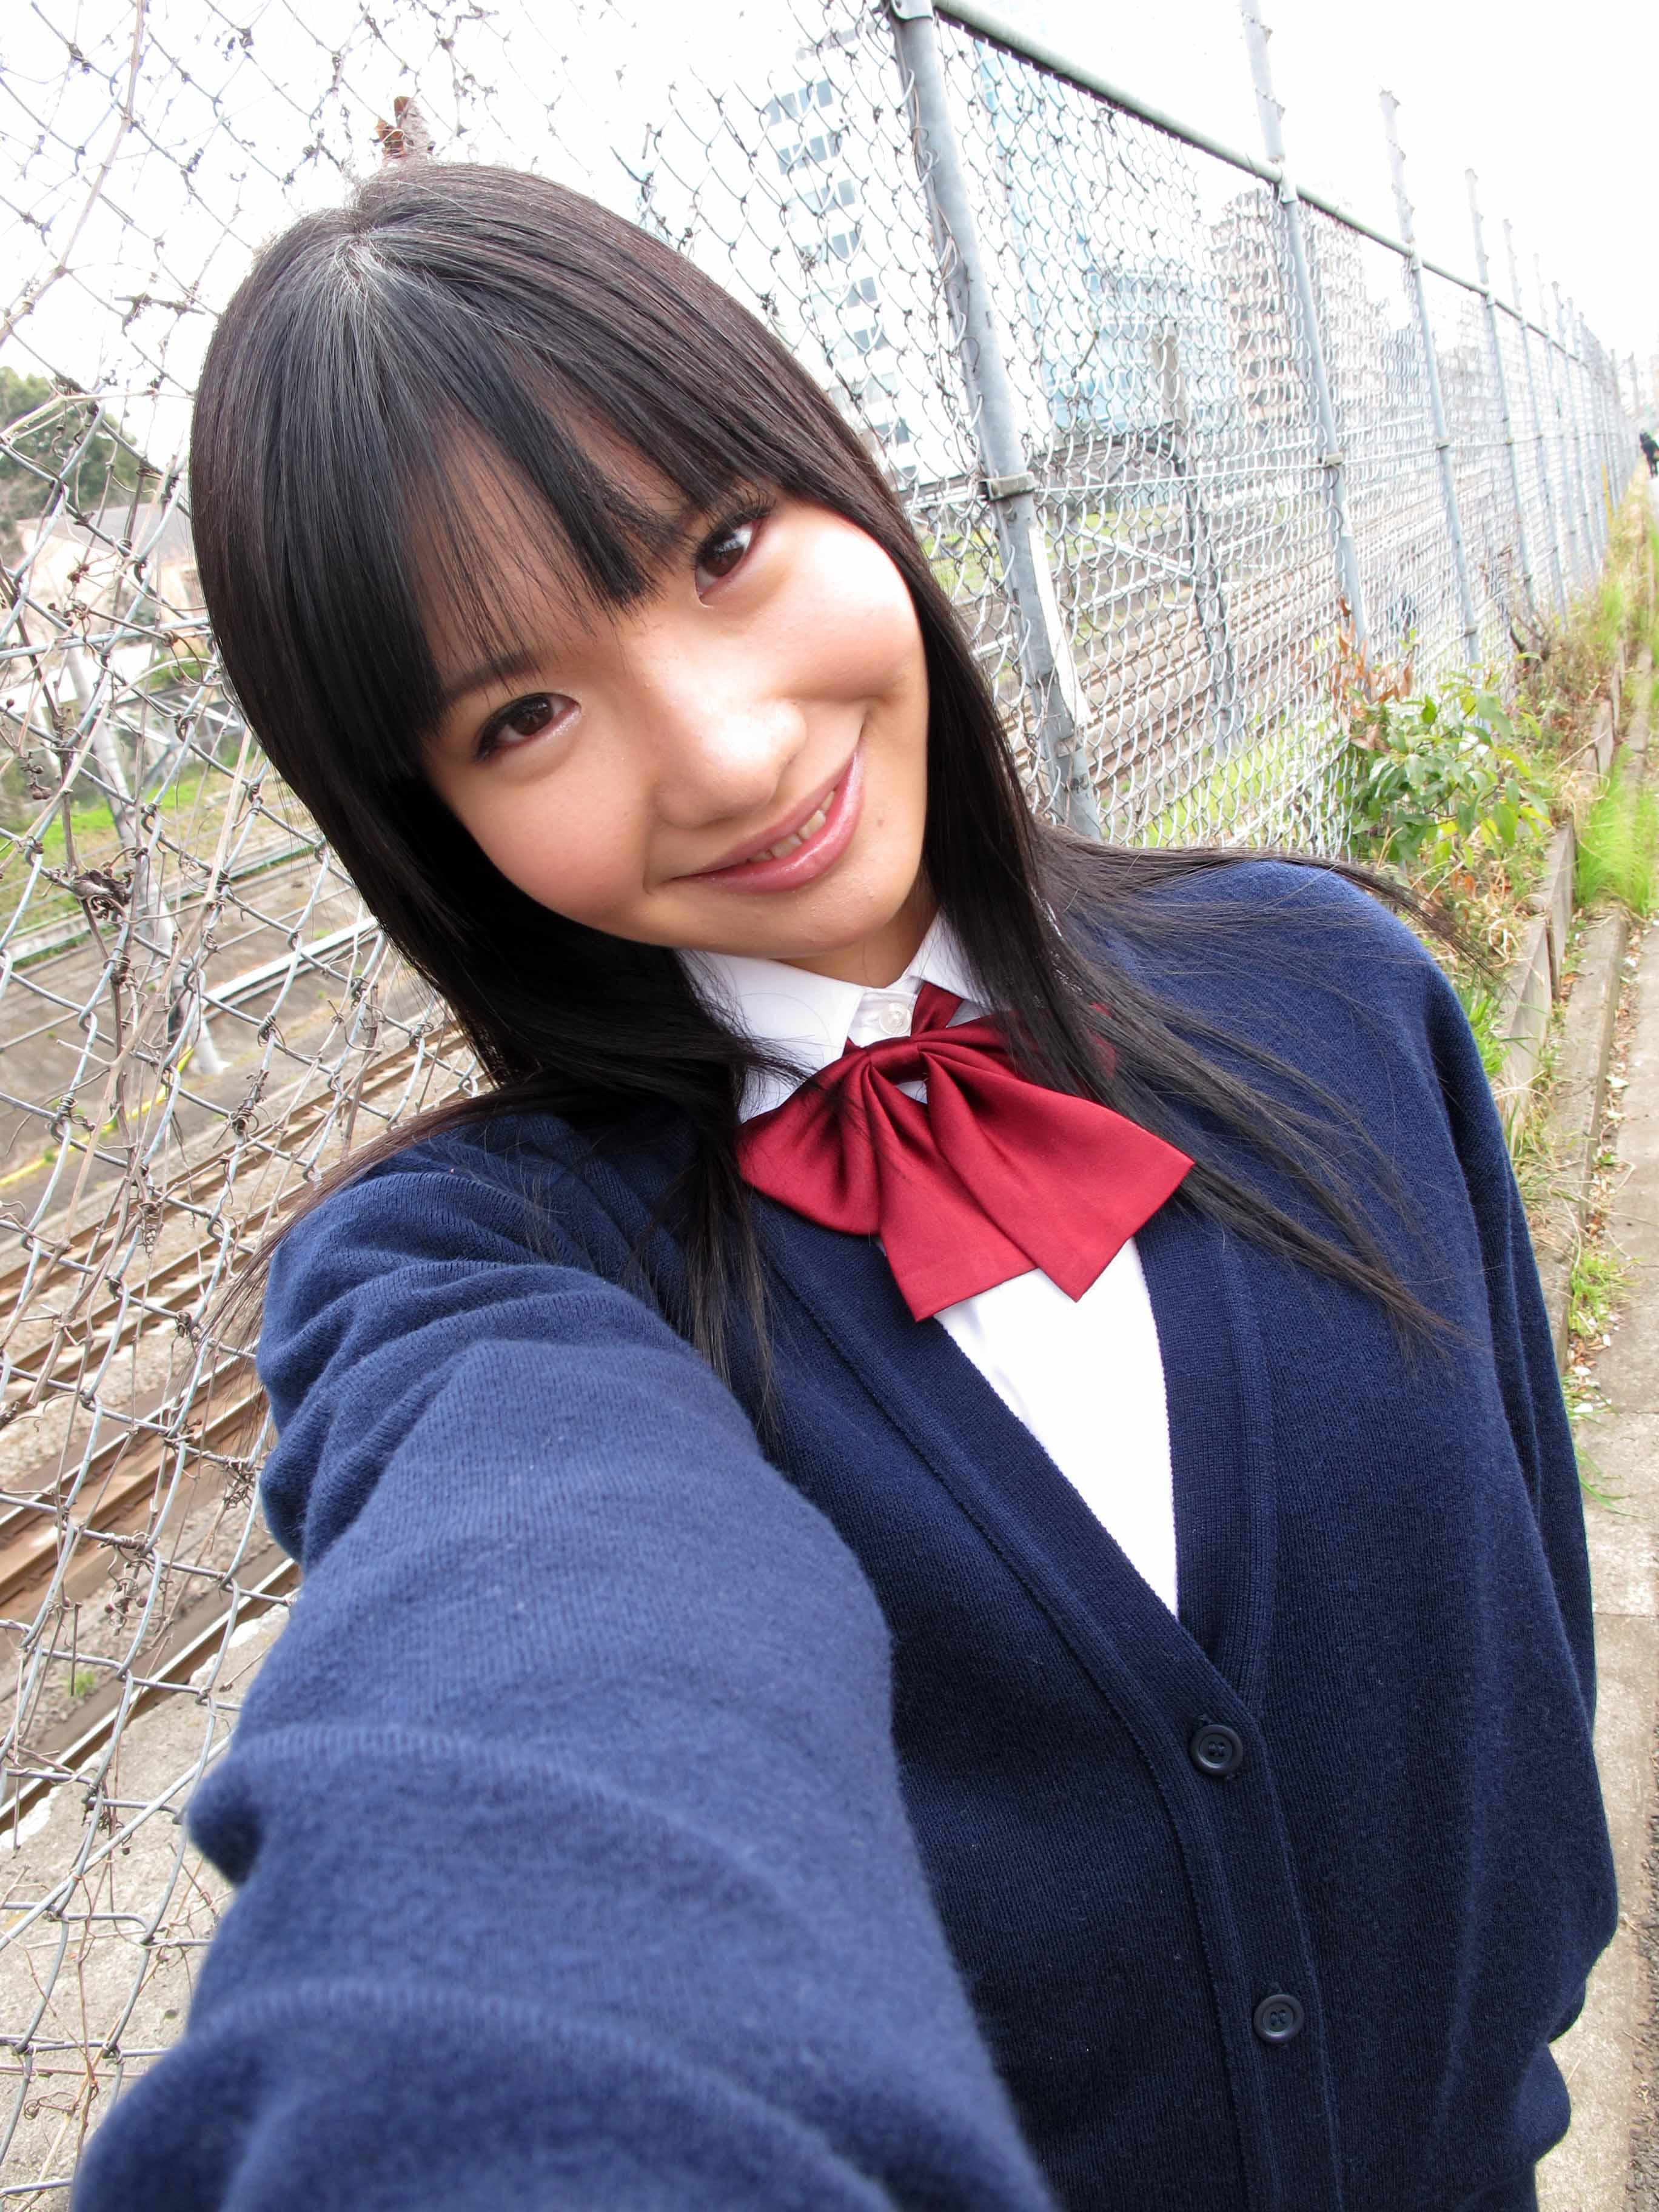 サイケデリックパペットTV画像倉庫:線路沿いの道で美少女の